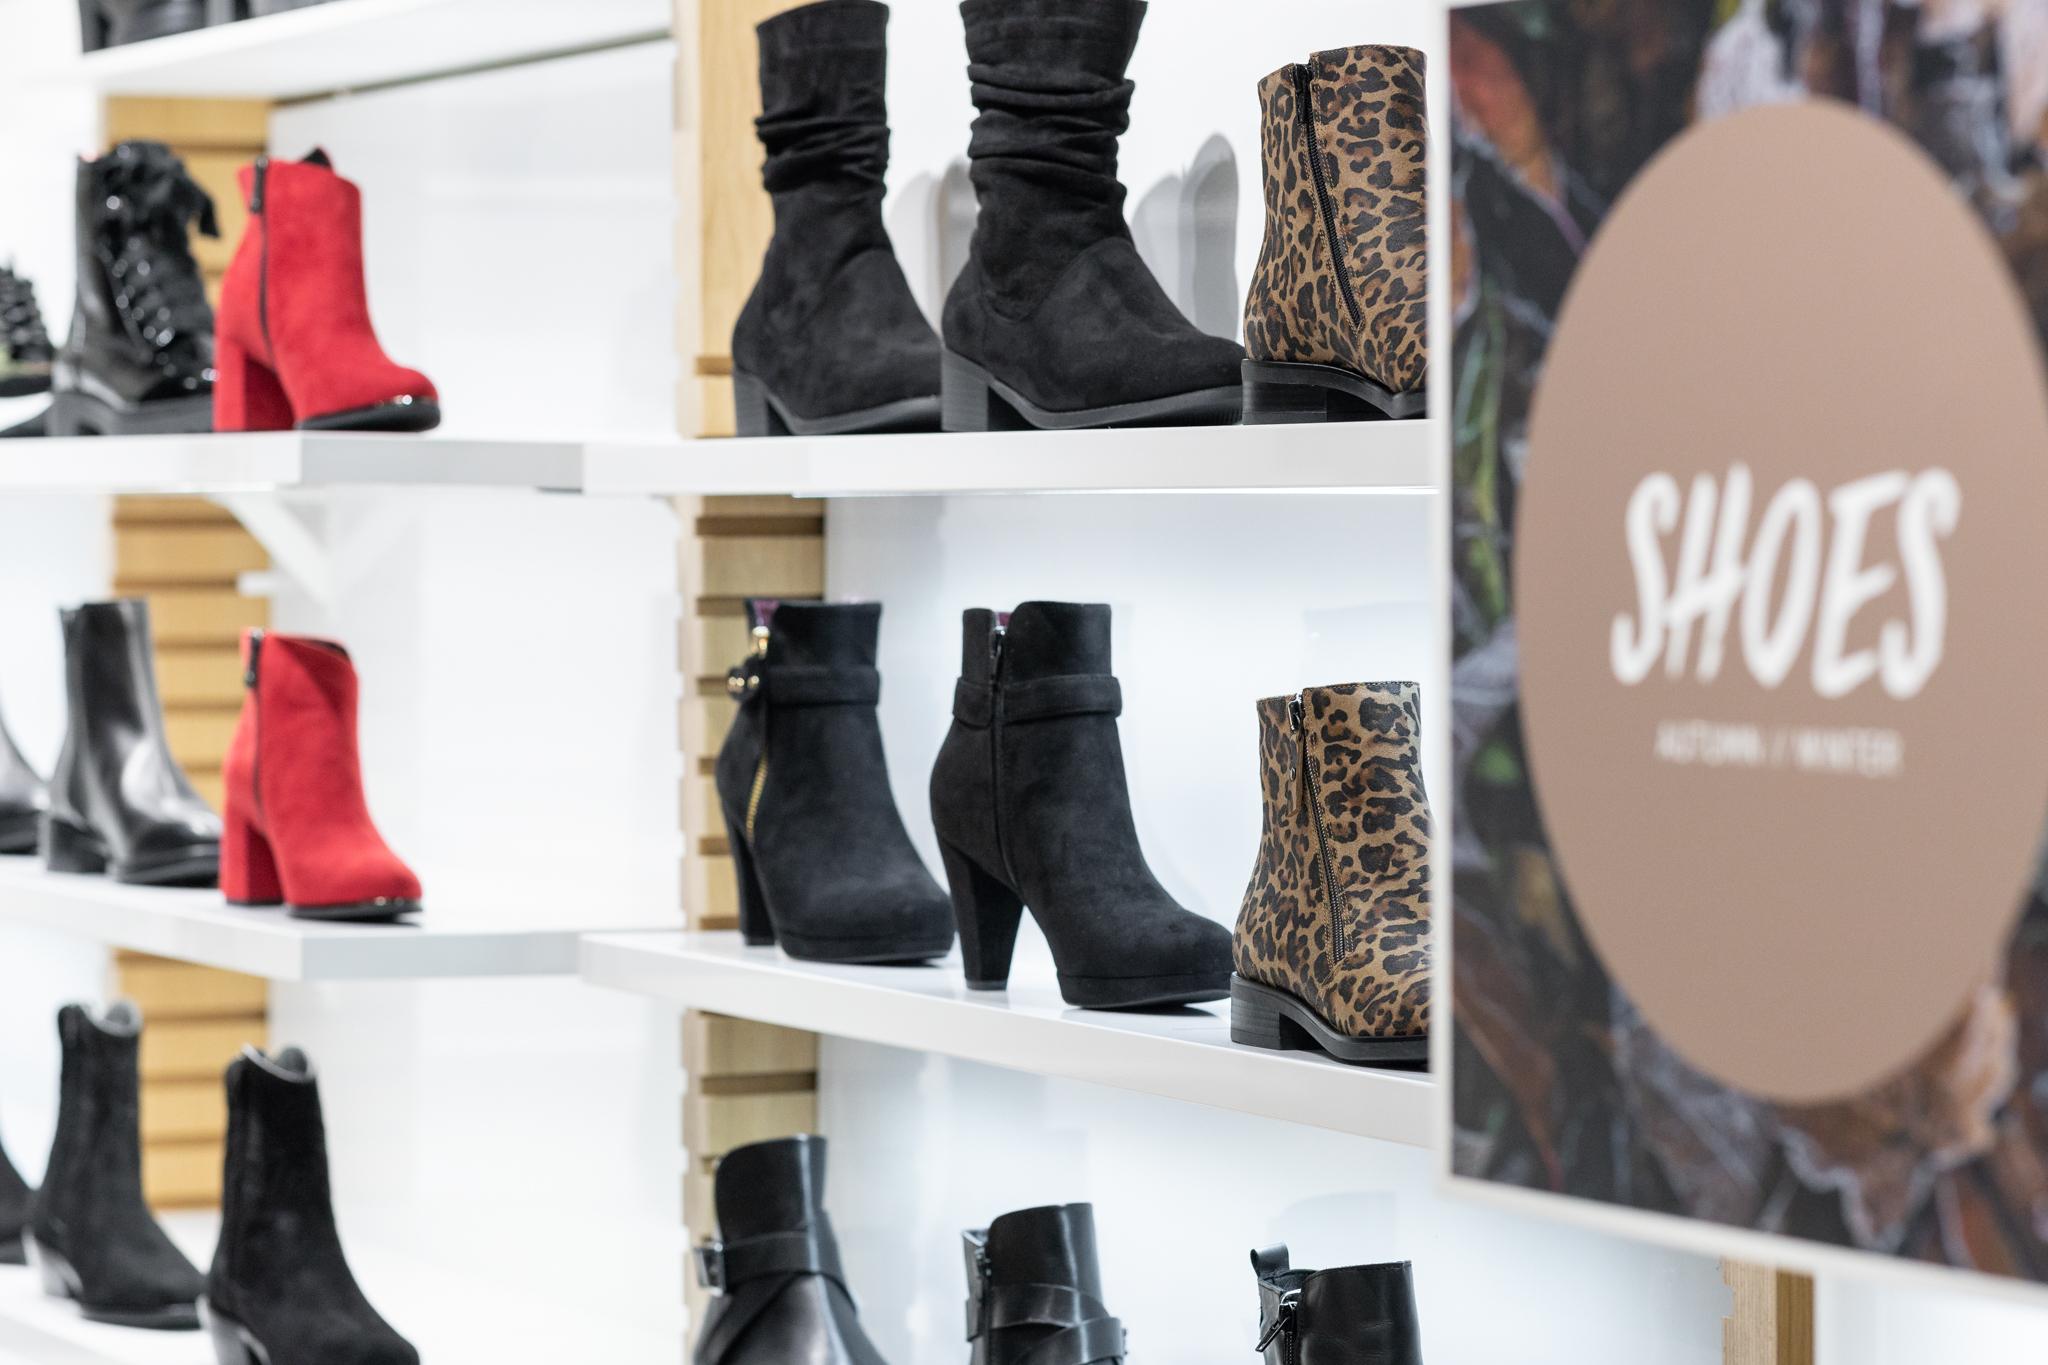 Skobutikk Lillehammer Strandtorget | Kjøp flotte sko i